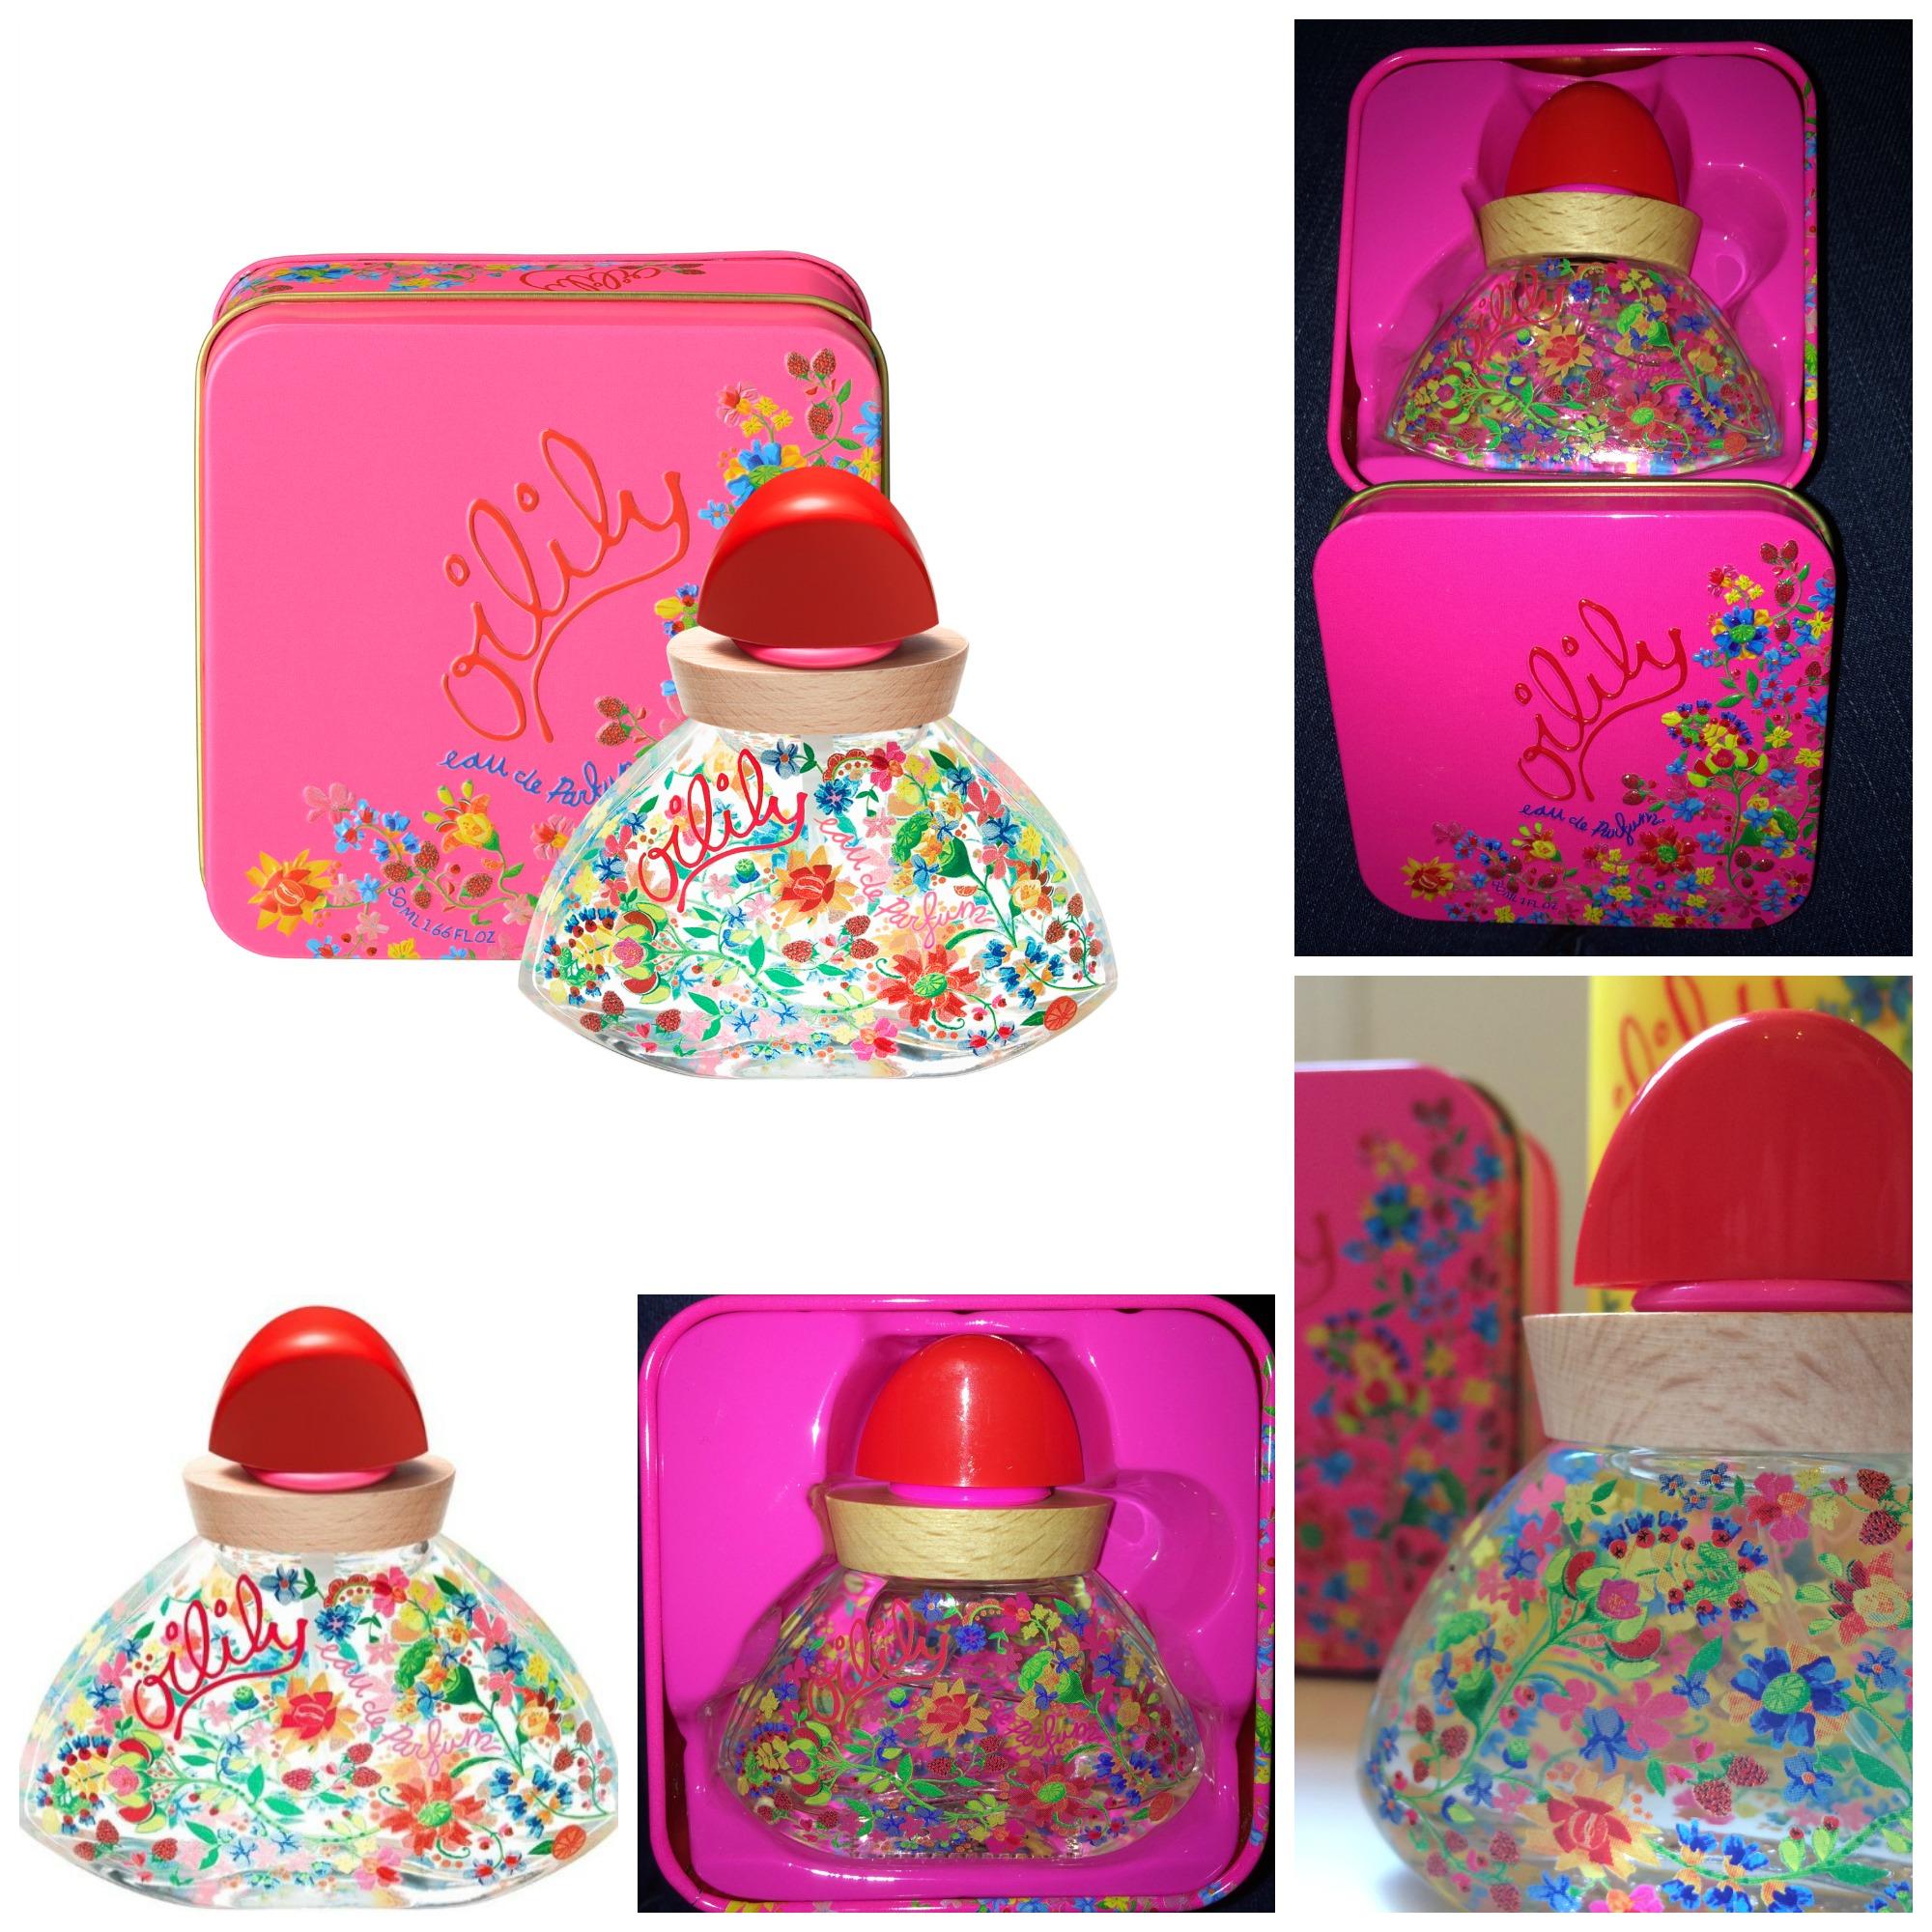 oilily l 39 eau de parfum printani re des filles expressions d 39 enfants. Black Bedroom Furniture Sets. Home Design Ideas